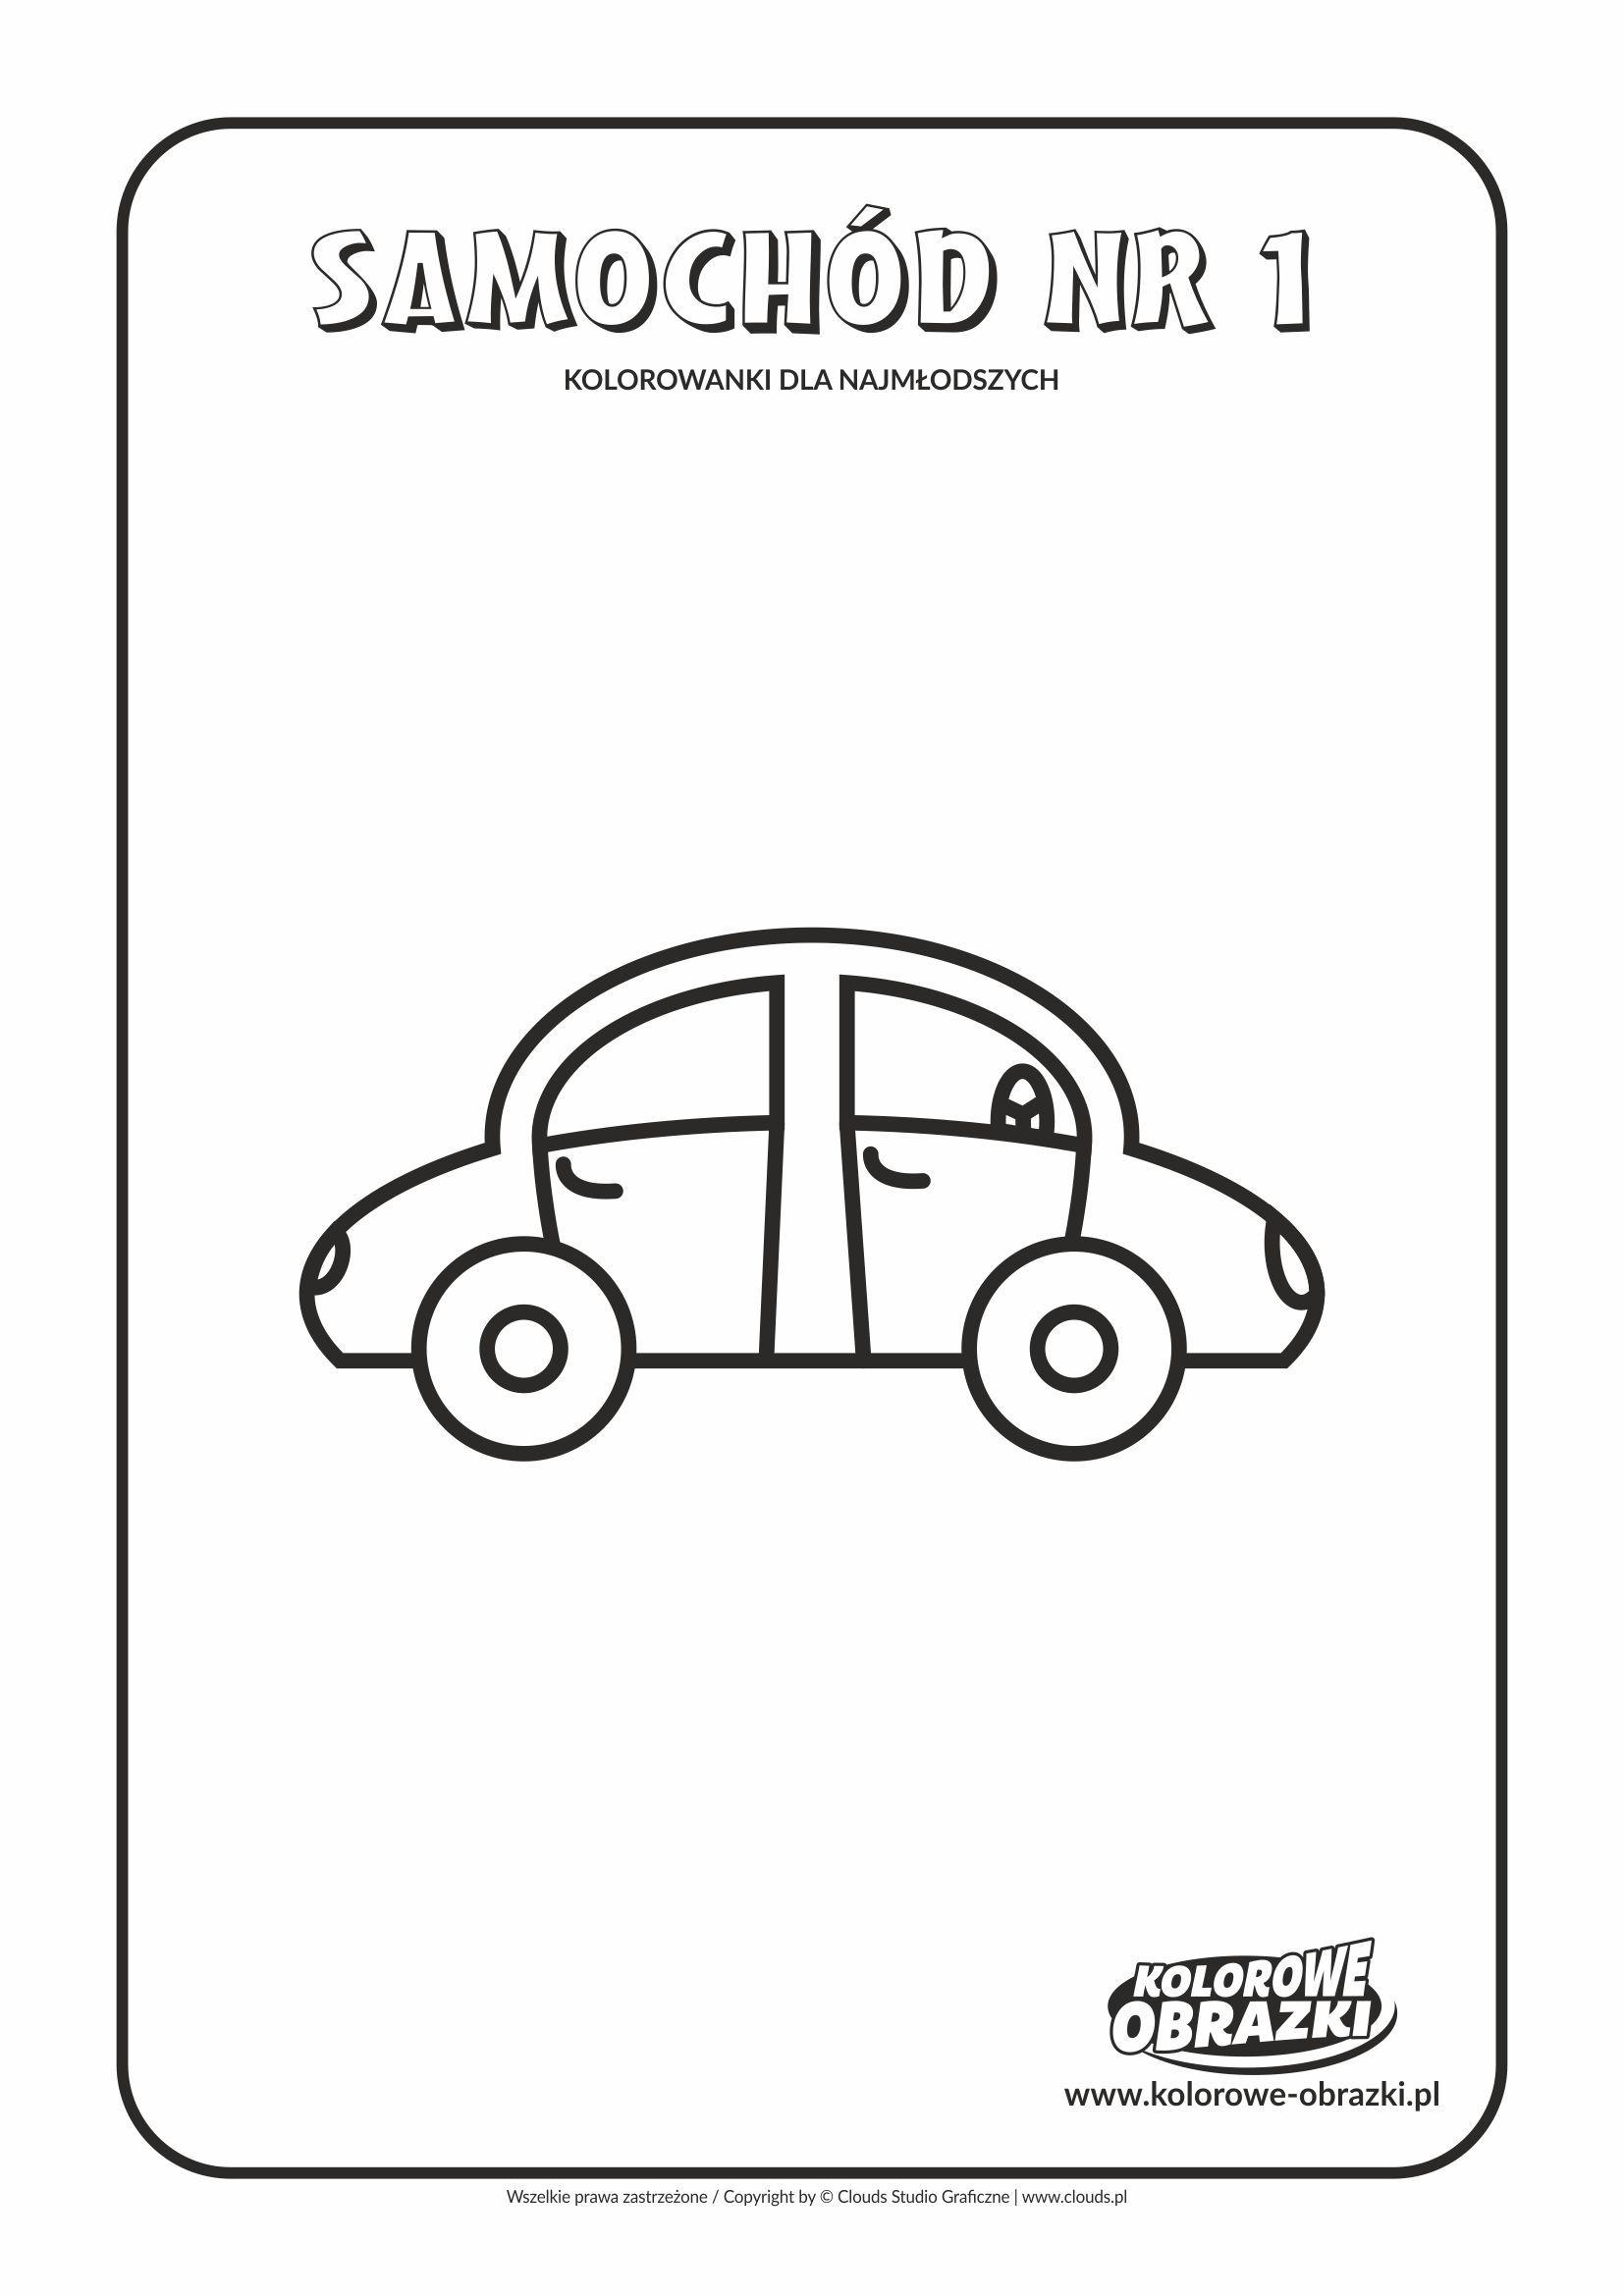 Proste Kolorowanki Dla Najmlodszych Samochod Nr 1 Kolorowanki Dla Dzieci Comics Art Peanuts Comics